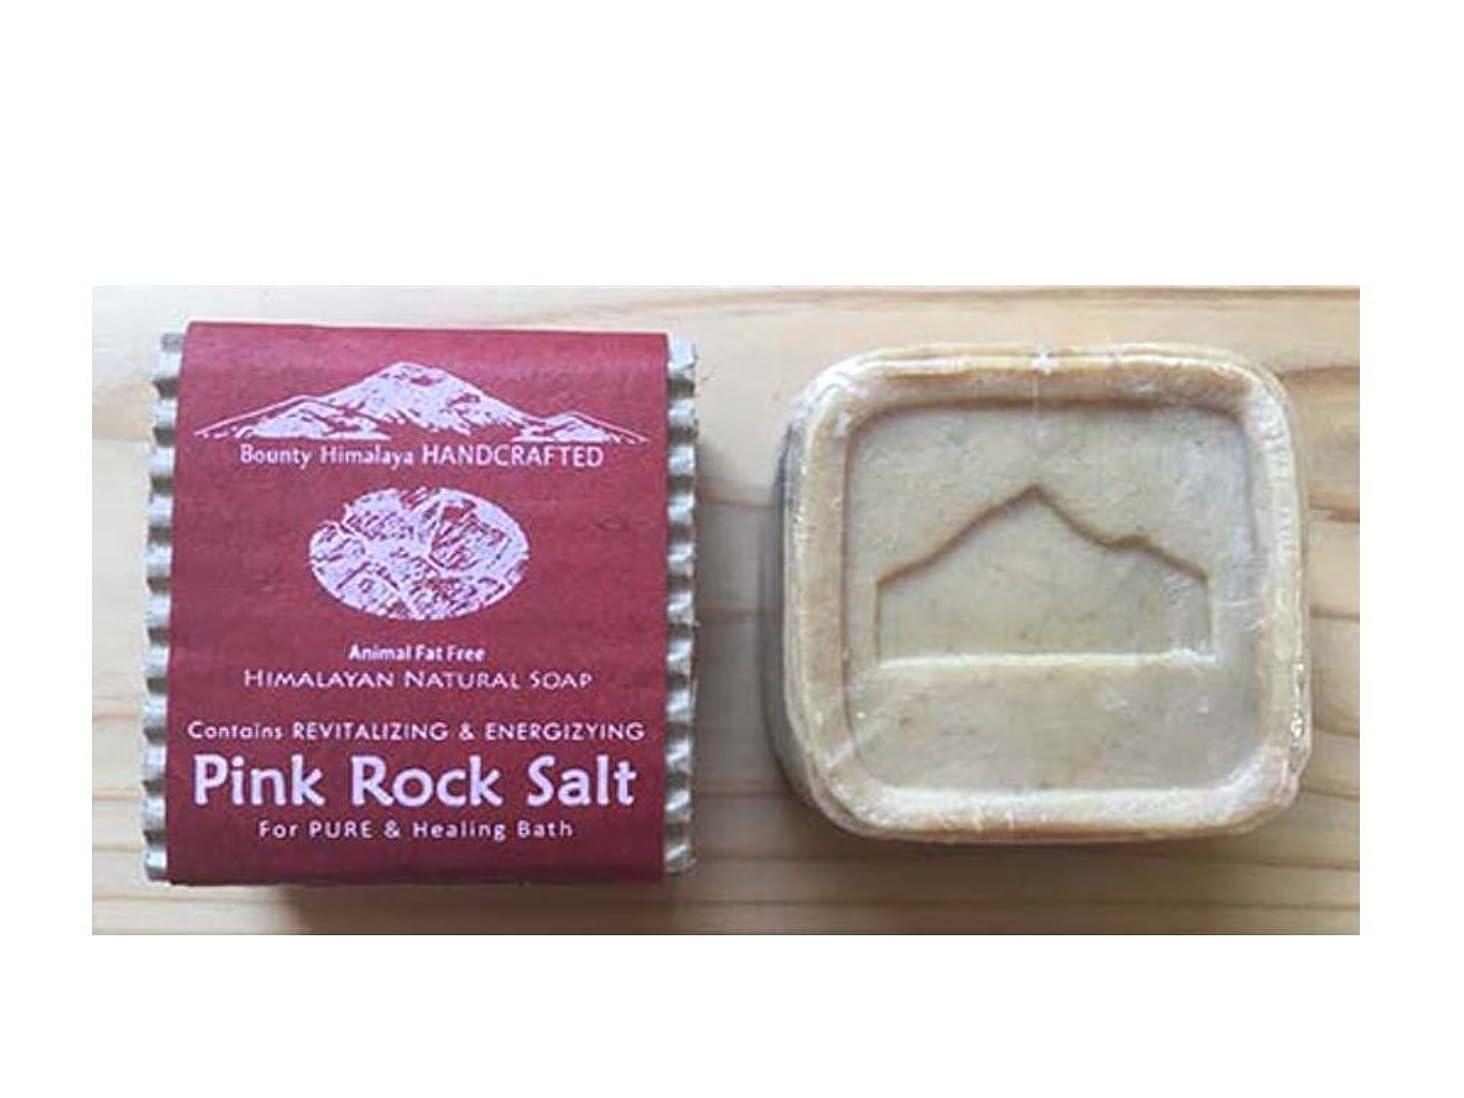 見つけた責め邪悪なアーユルヴェーダ ヒマラヤ?ロッキーソープ(ピンクロックソルトソープ) Bounty Himalaya Pink Rock Salt SOAP(NEPAL AYURVEDA) 100g